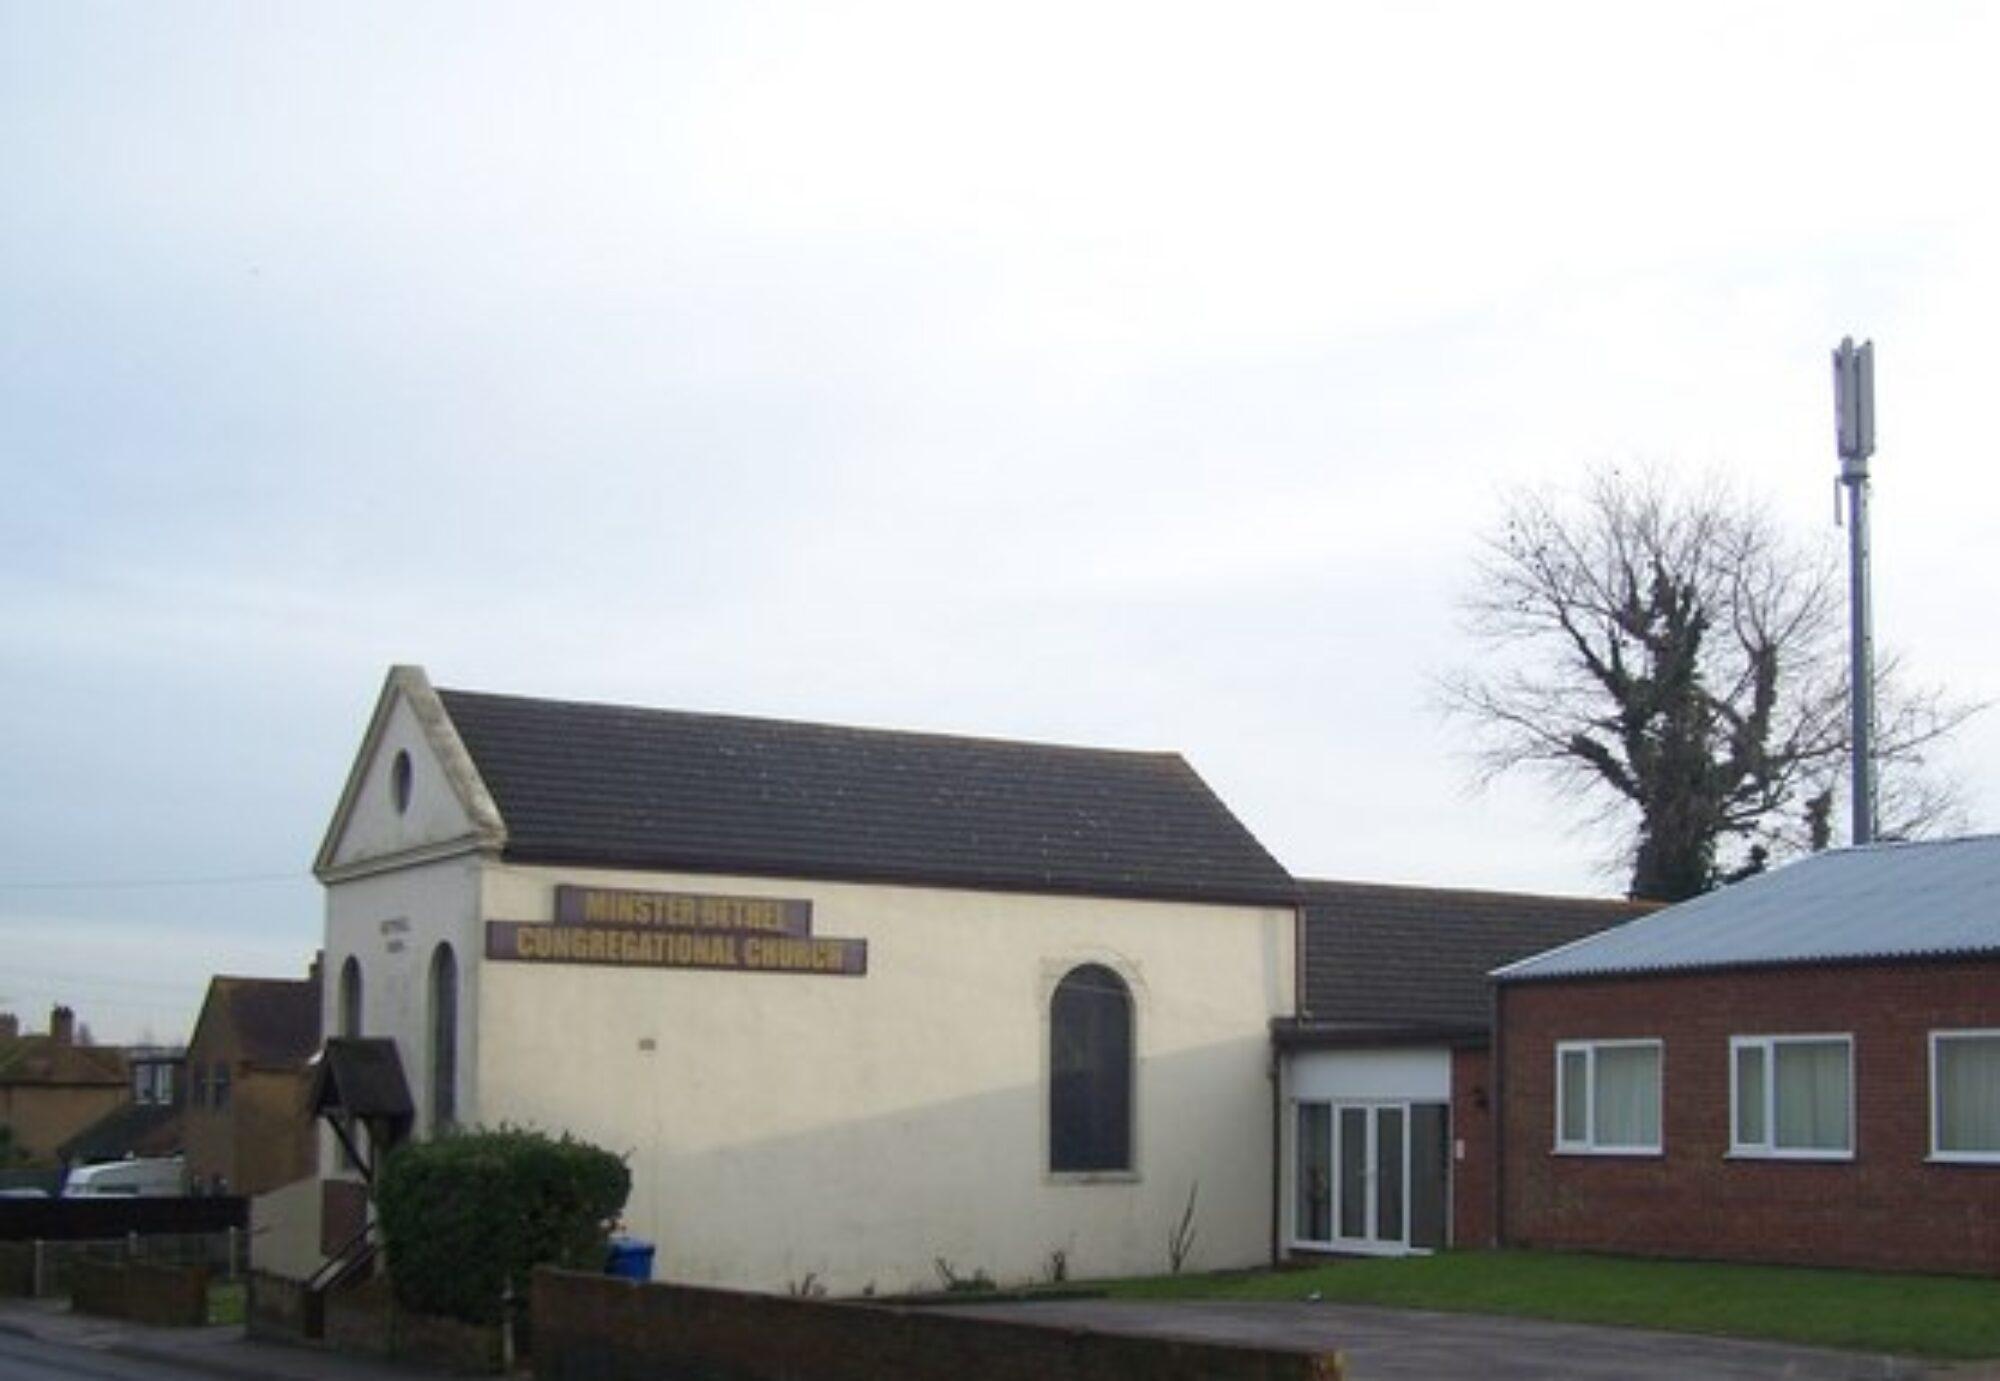 Minster Bethel Congregational Church